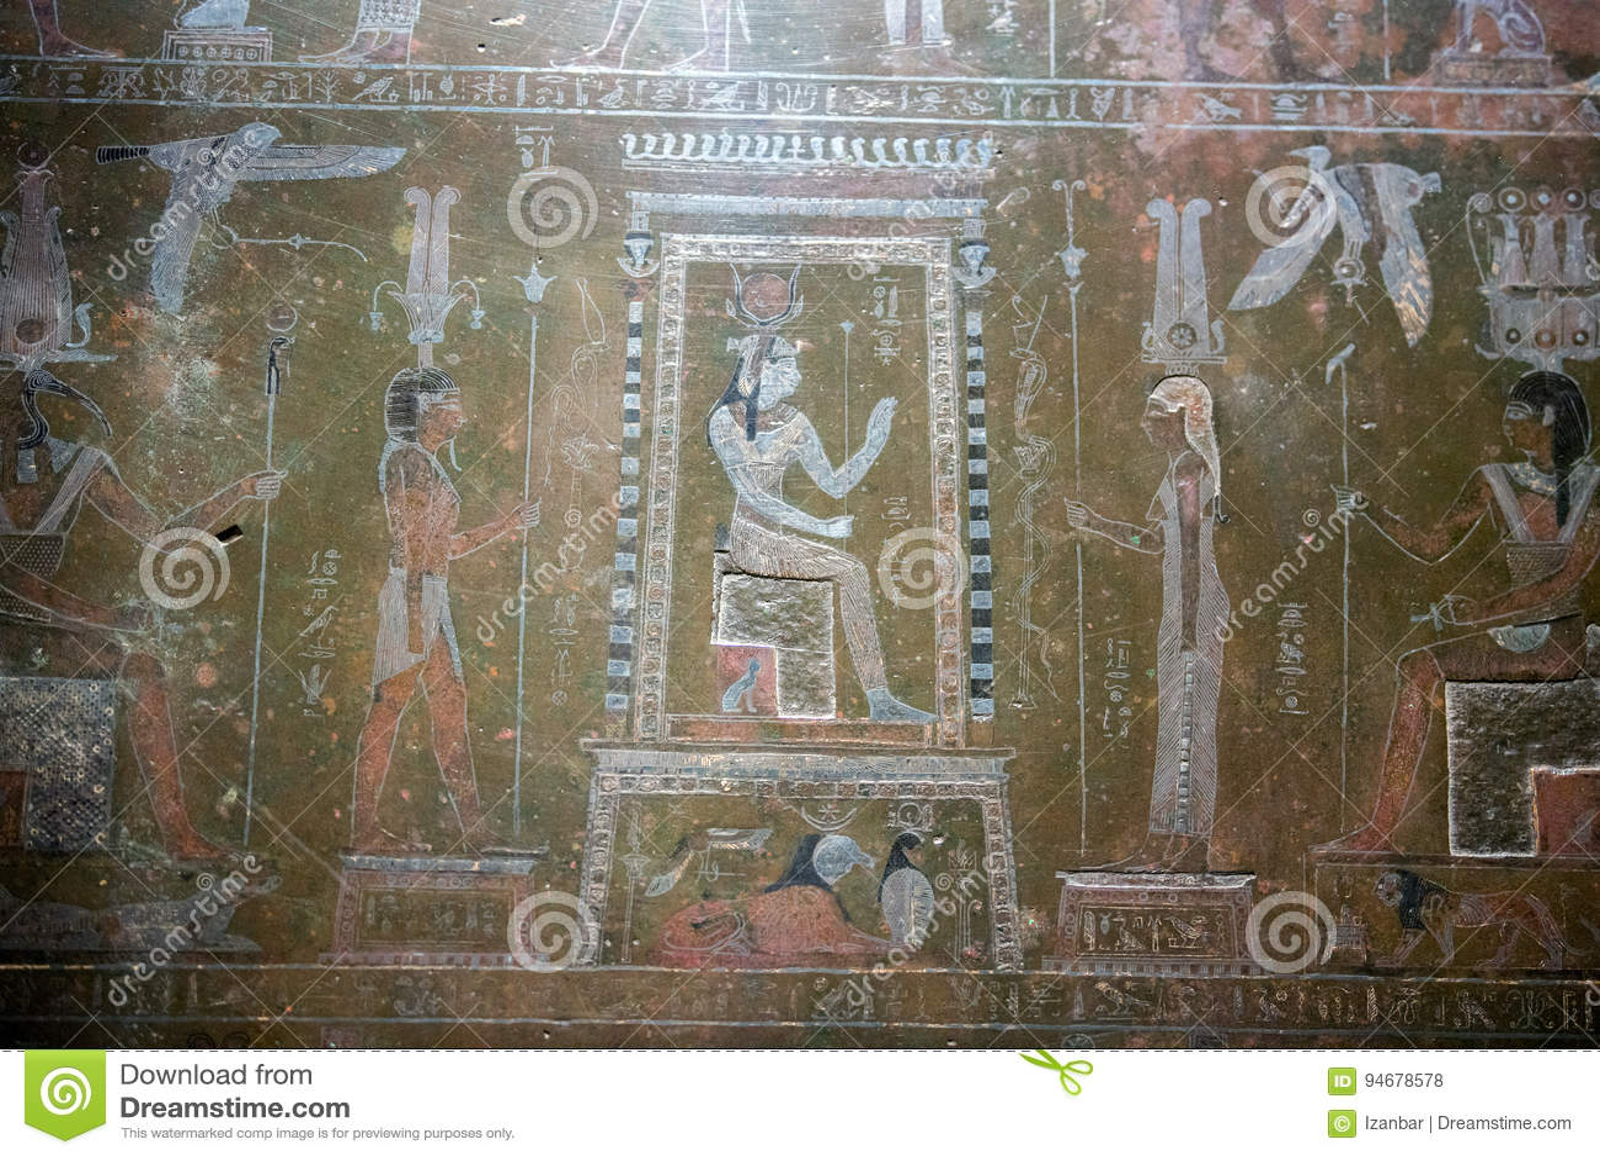 Agypten Konig Das Alte Agypten